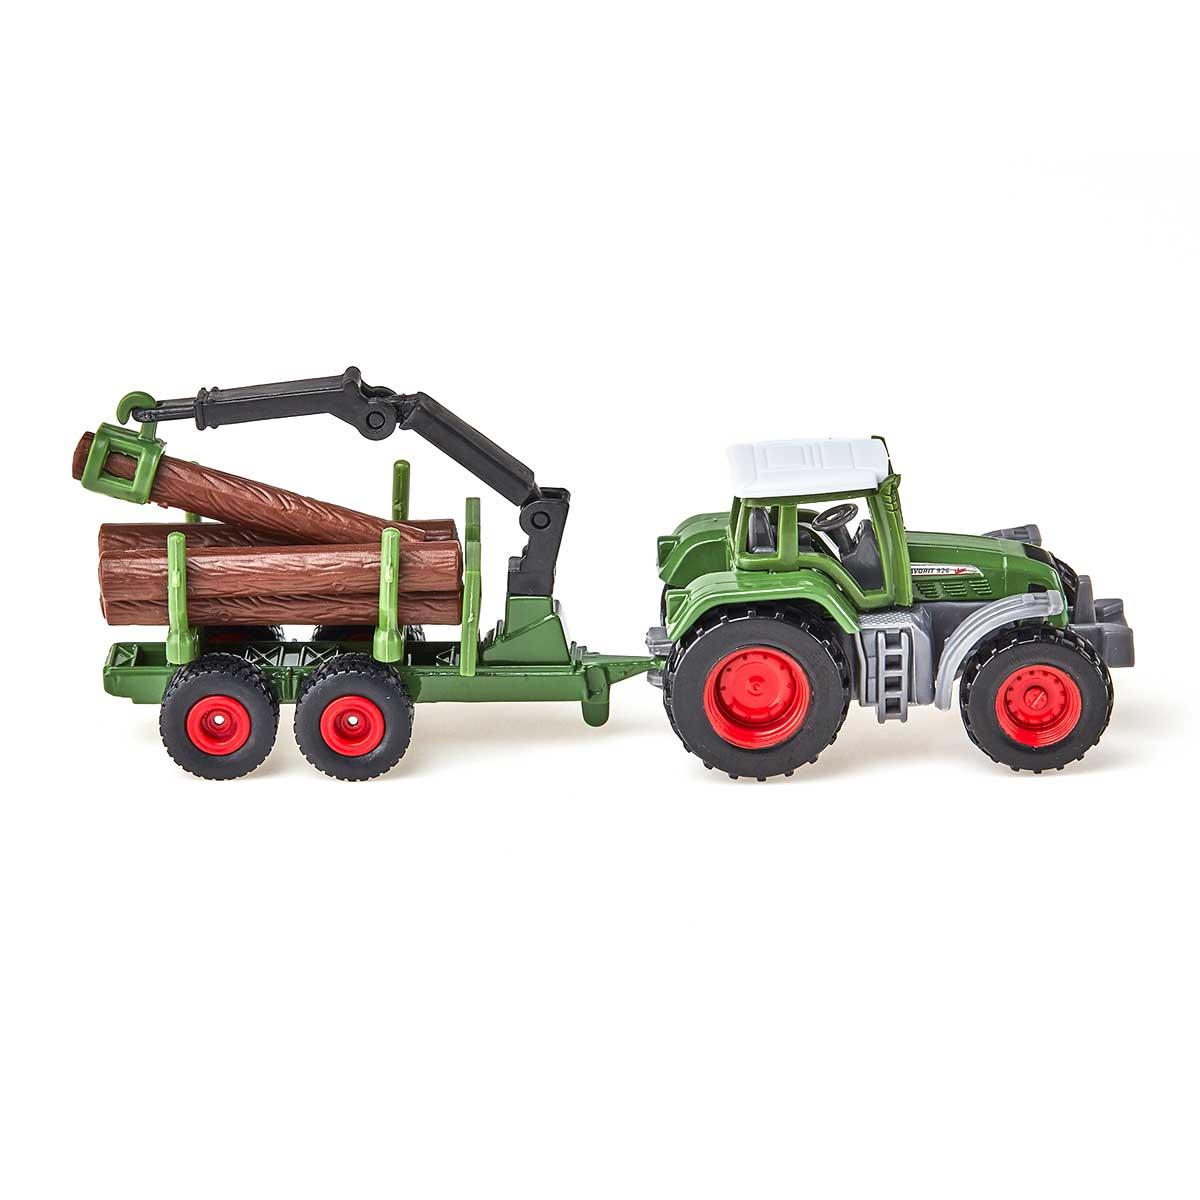 Fendt トラクター 木材運搬トレーラー付き(ジク・SIKU)